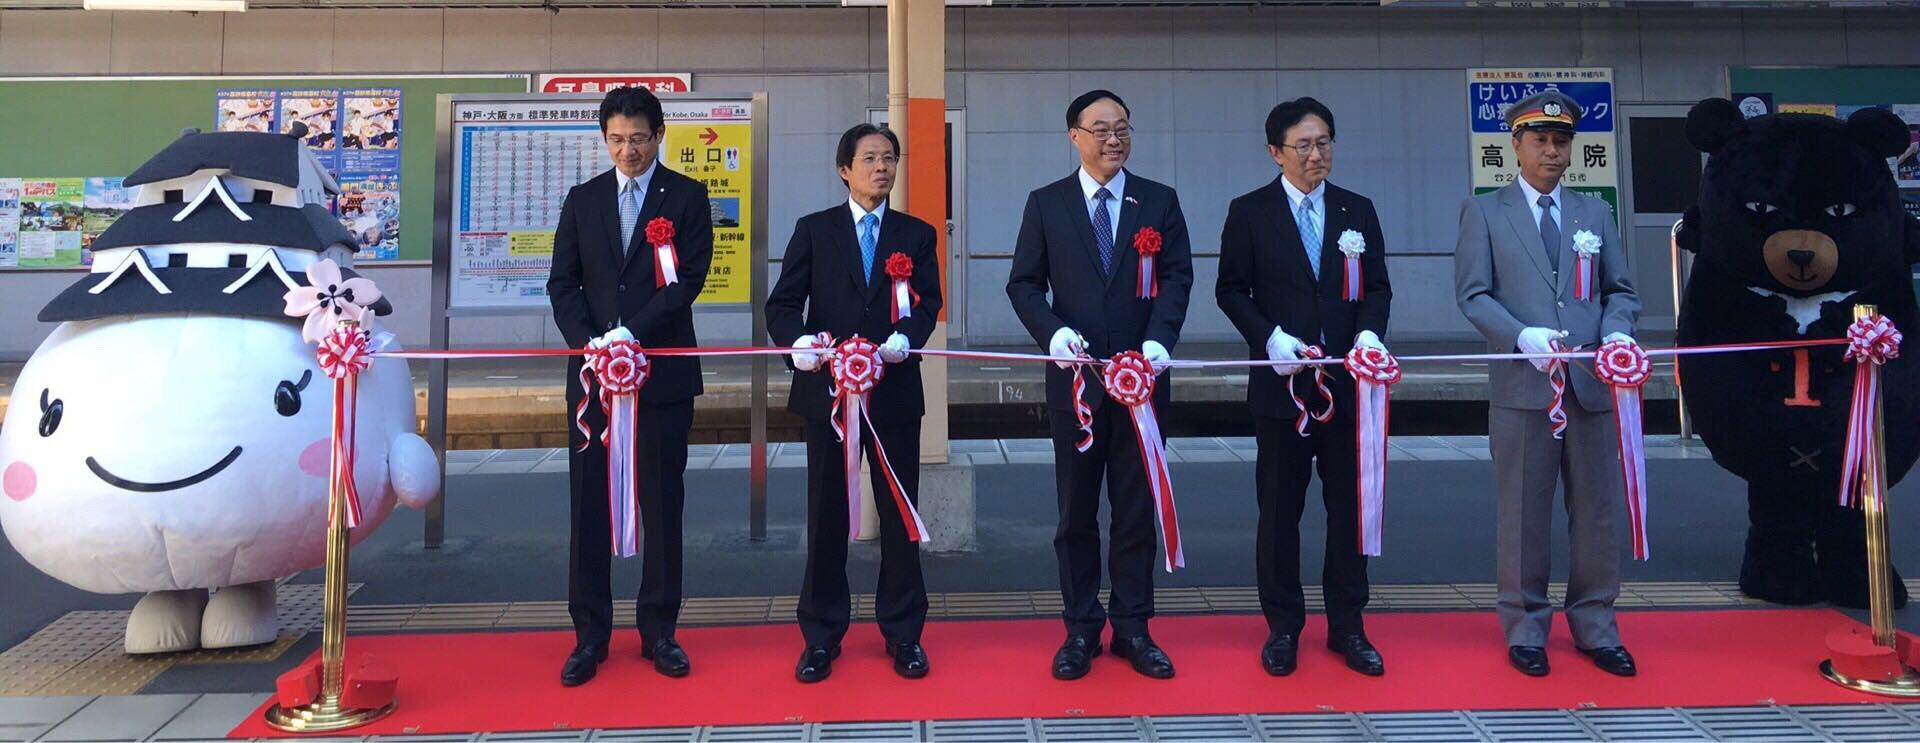 交通部觀光局周永暉局長及其他貴賓一同為「Meet Colors!台灣號」觀光彩繪列車共同主持啟航儀式。(照片由交通部觀光局提供)